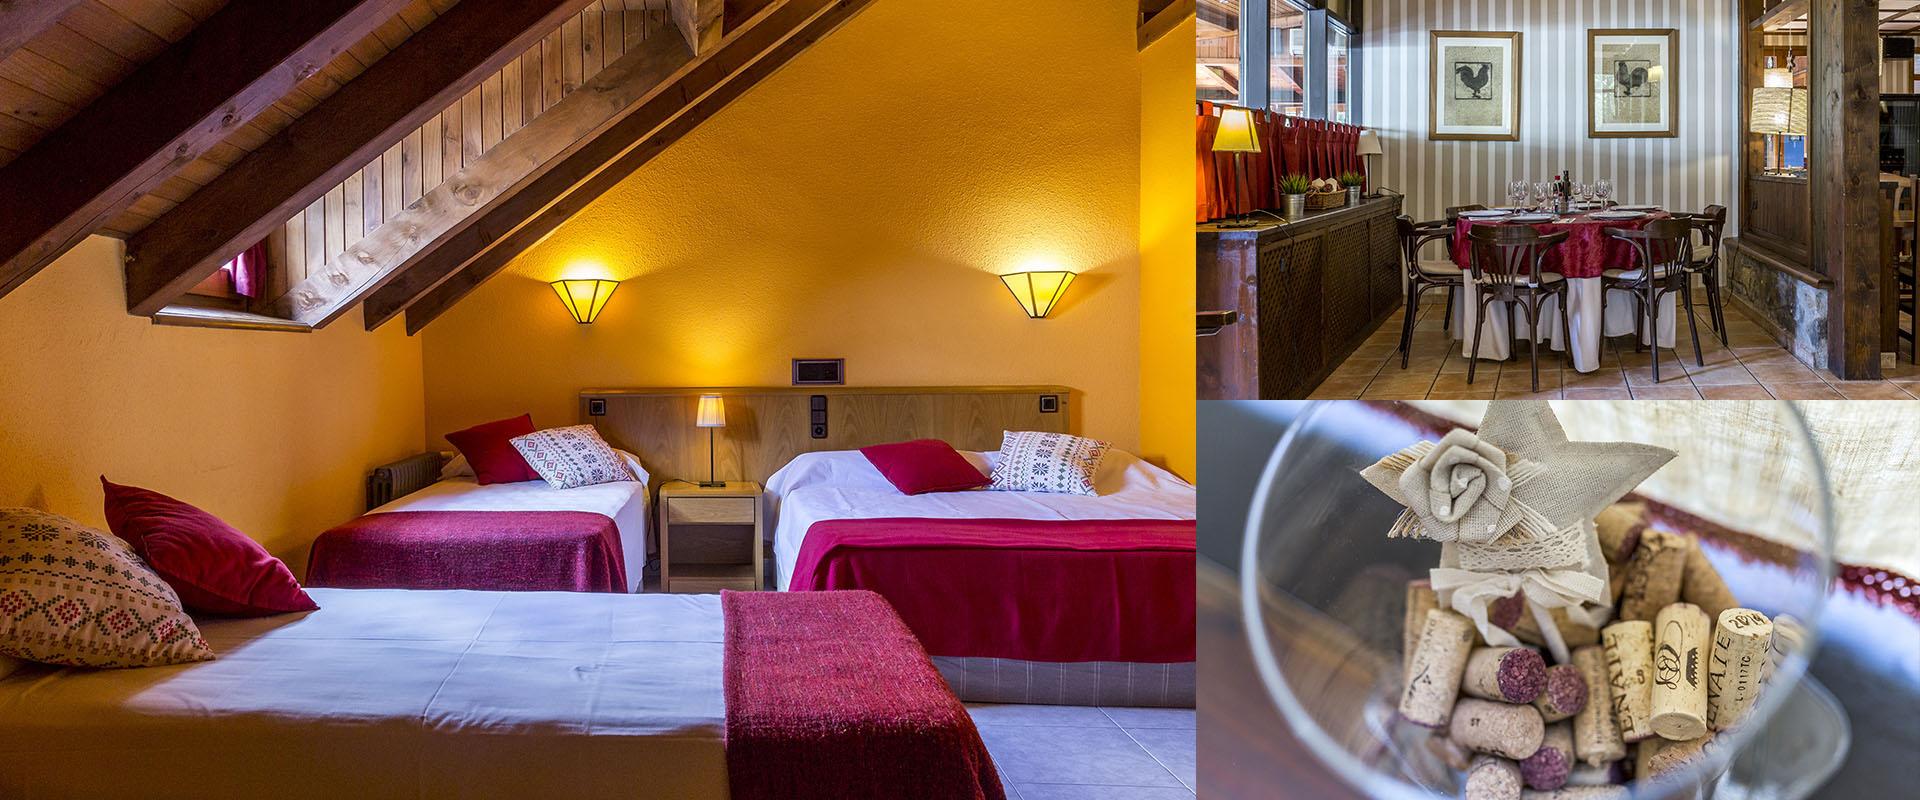 Hotel San Anton en Benasque Huesca Home